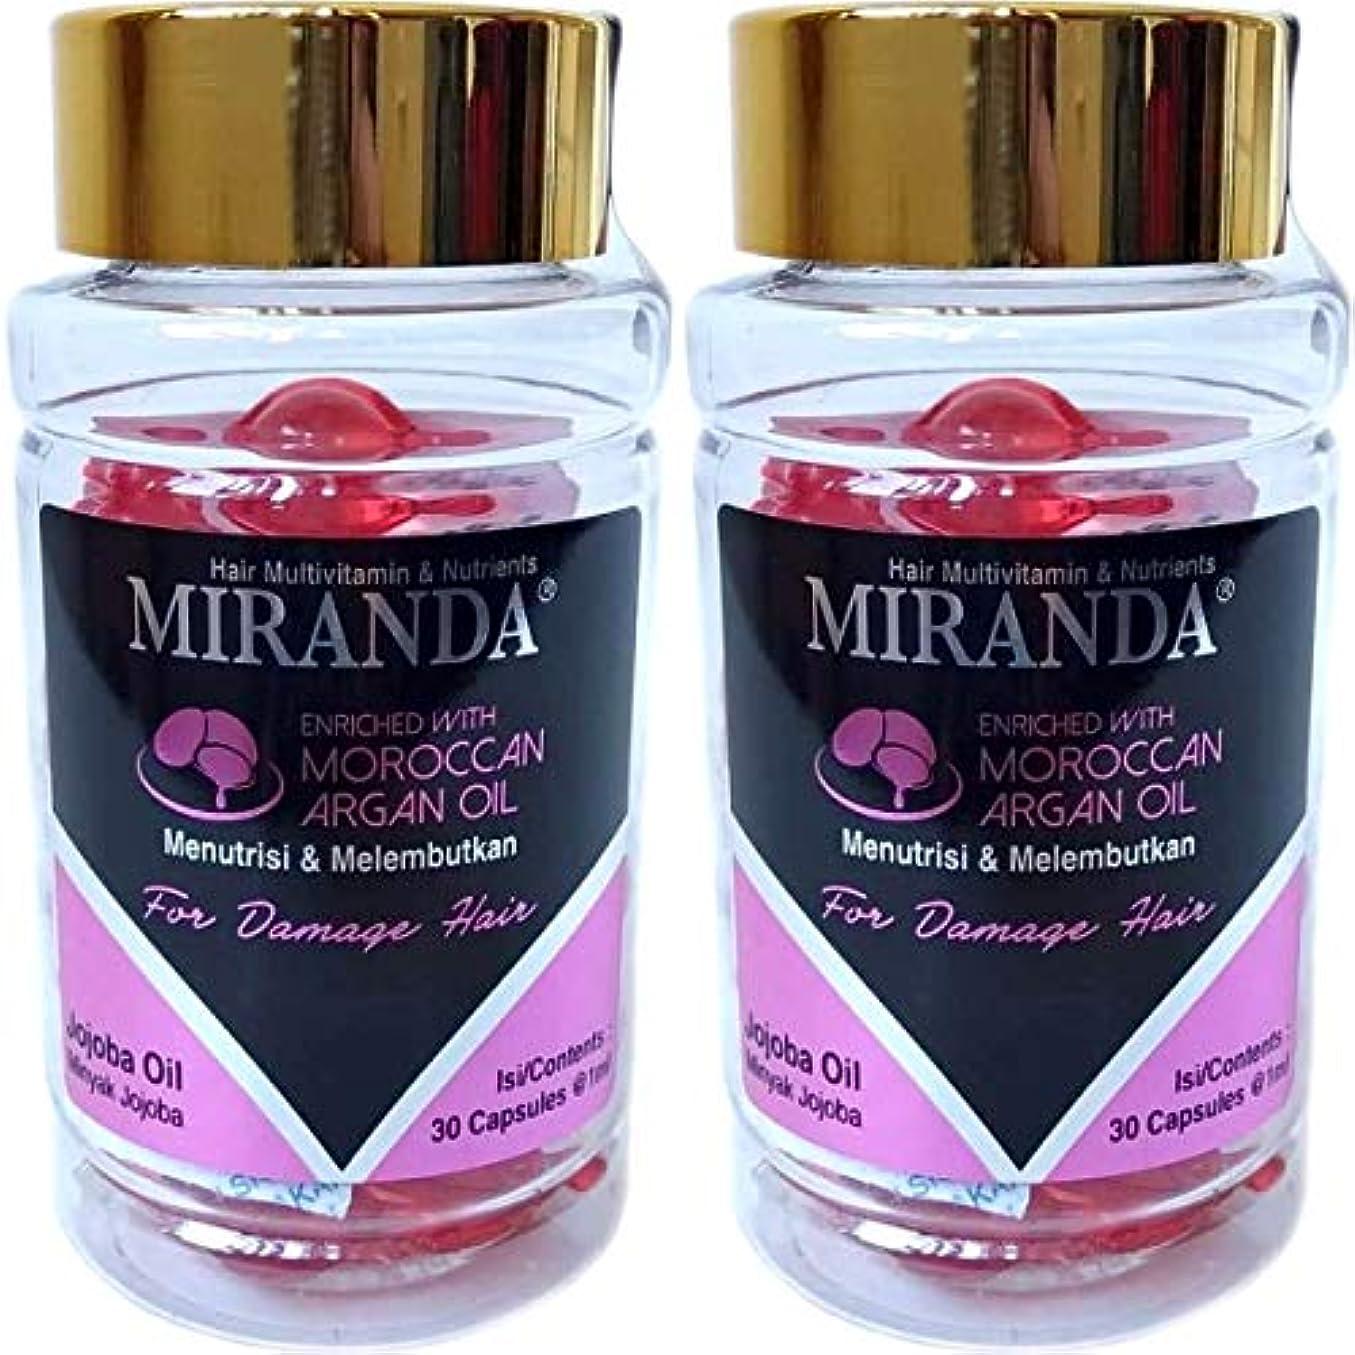 メドレーアプライアンスユーモアMIRANDA ミランダ Hair Multivitamin&Nutrients ヘアマルチビタミン ニュートリエンツ 洗い流さないヘアトリートメント 30粒入ボトル×2個セット Jojoba oil ホホバオイル [海外直送品]